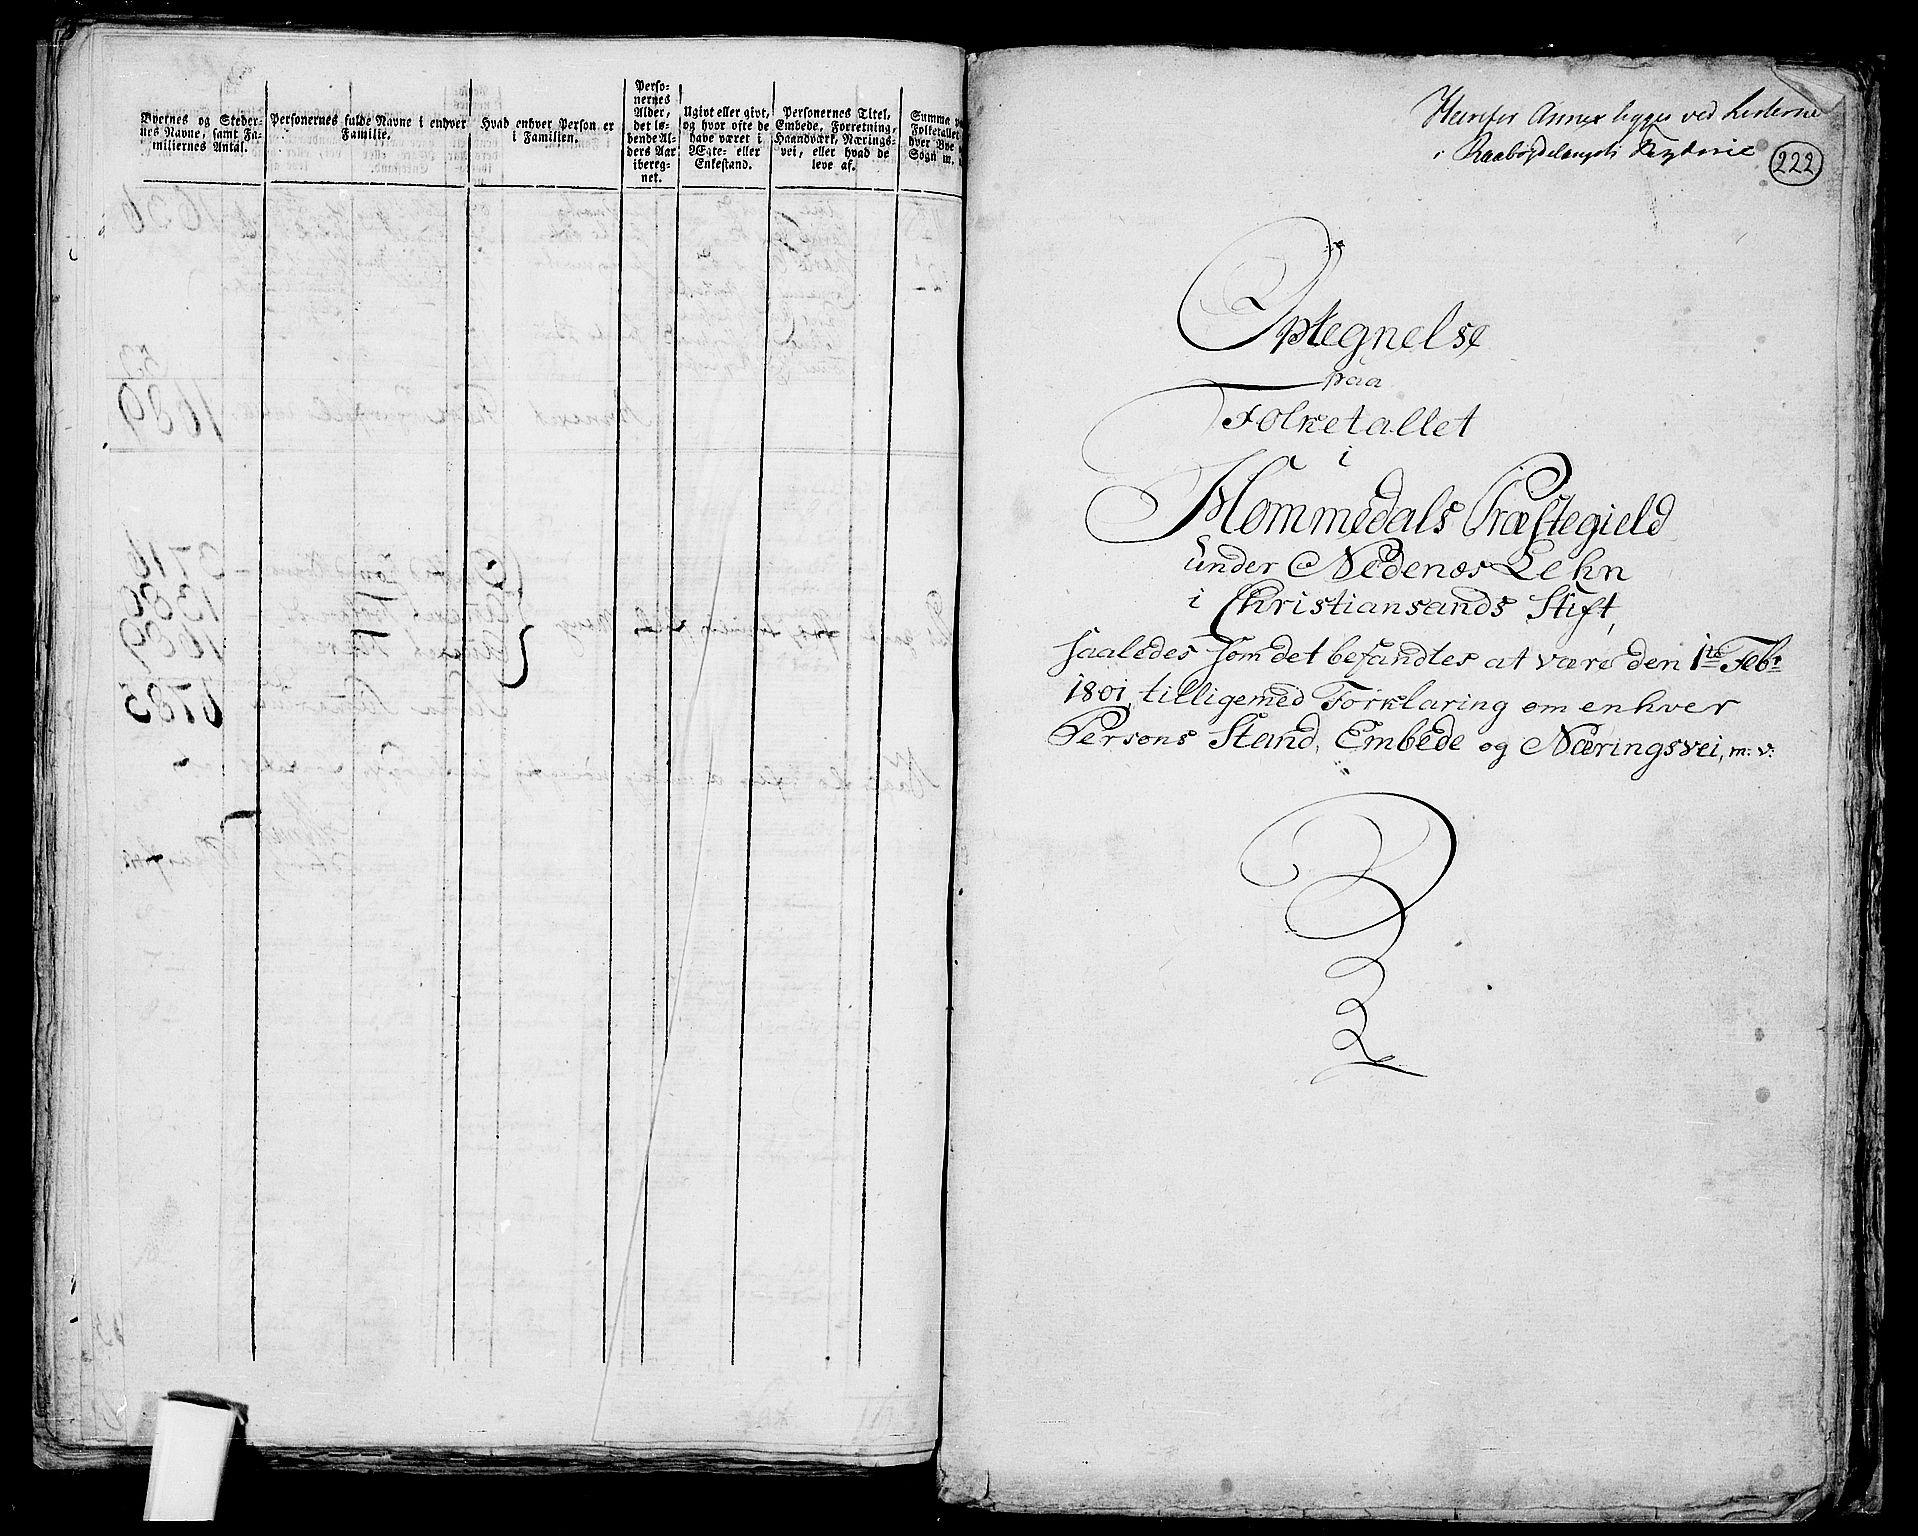 RA, Folketelling 1801 for 0924P Homedal prestegjeld, 1801, s. 221b-222a